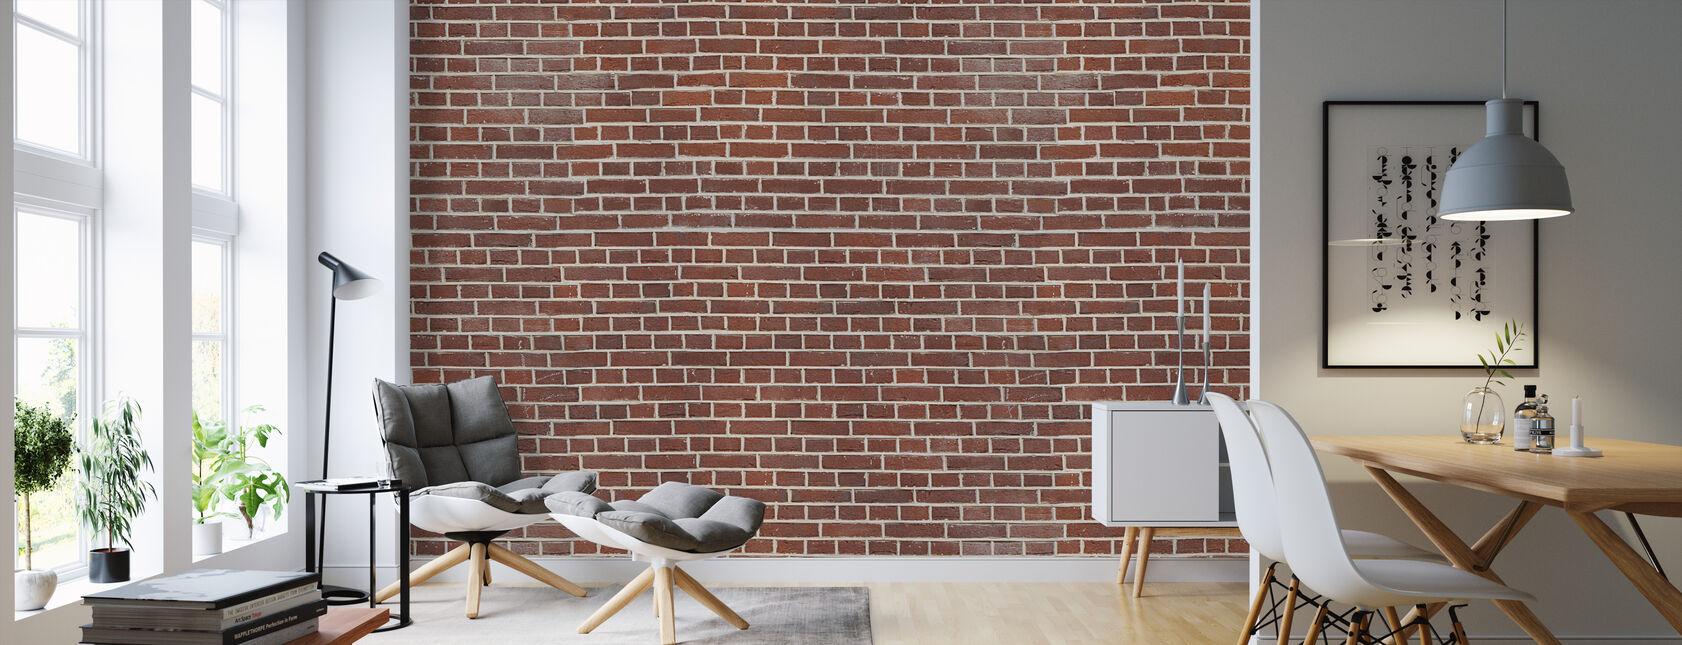 Brixton Brick Wall - Wallpaper - Living Room